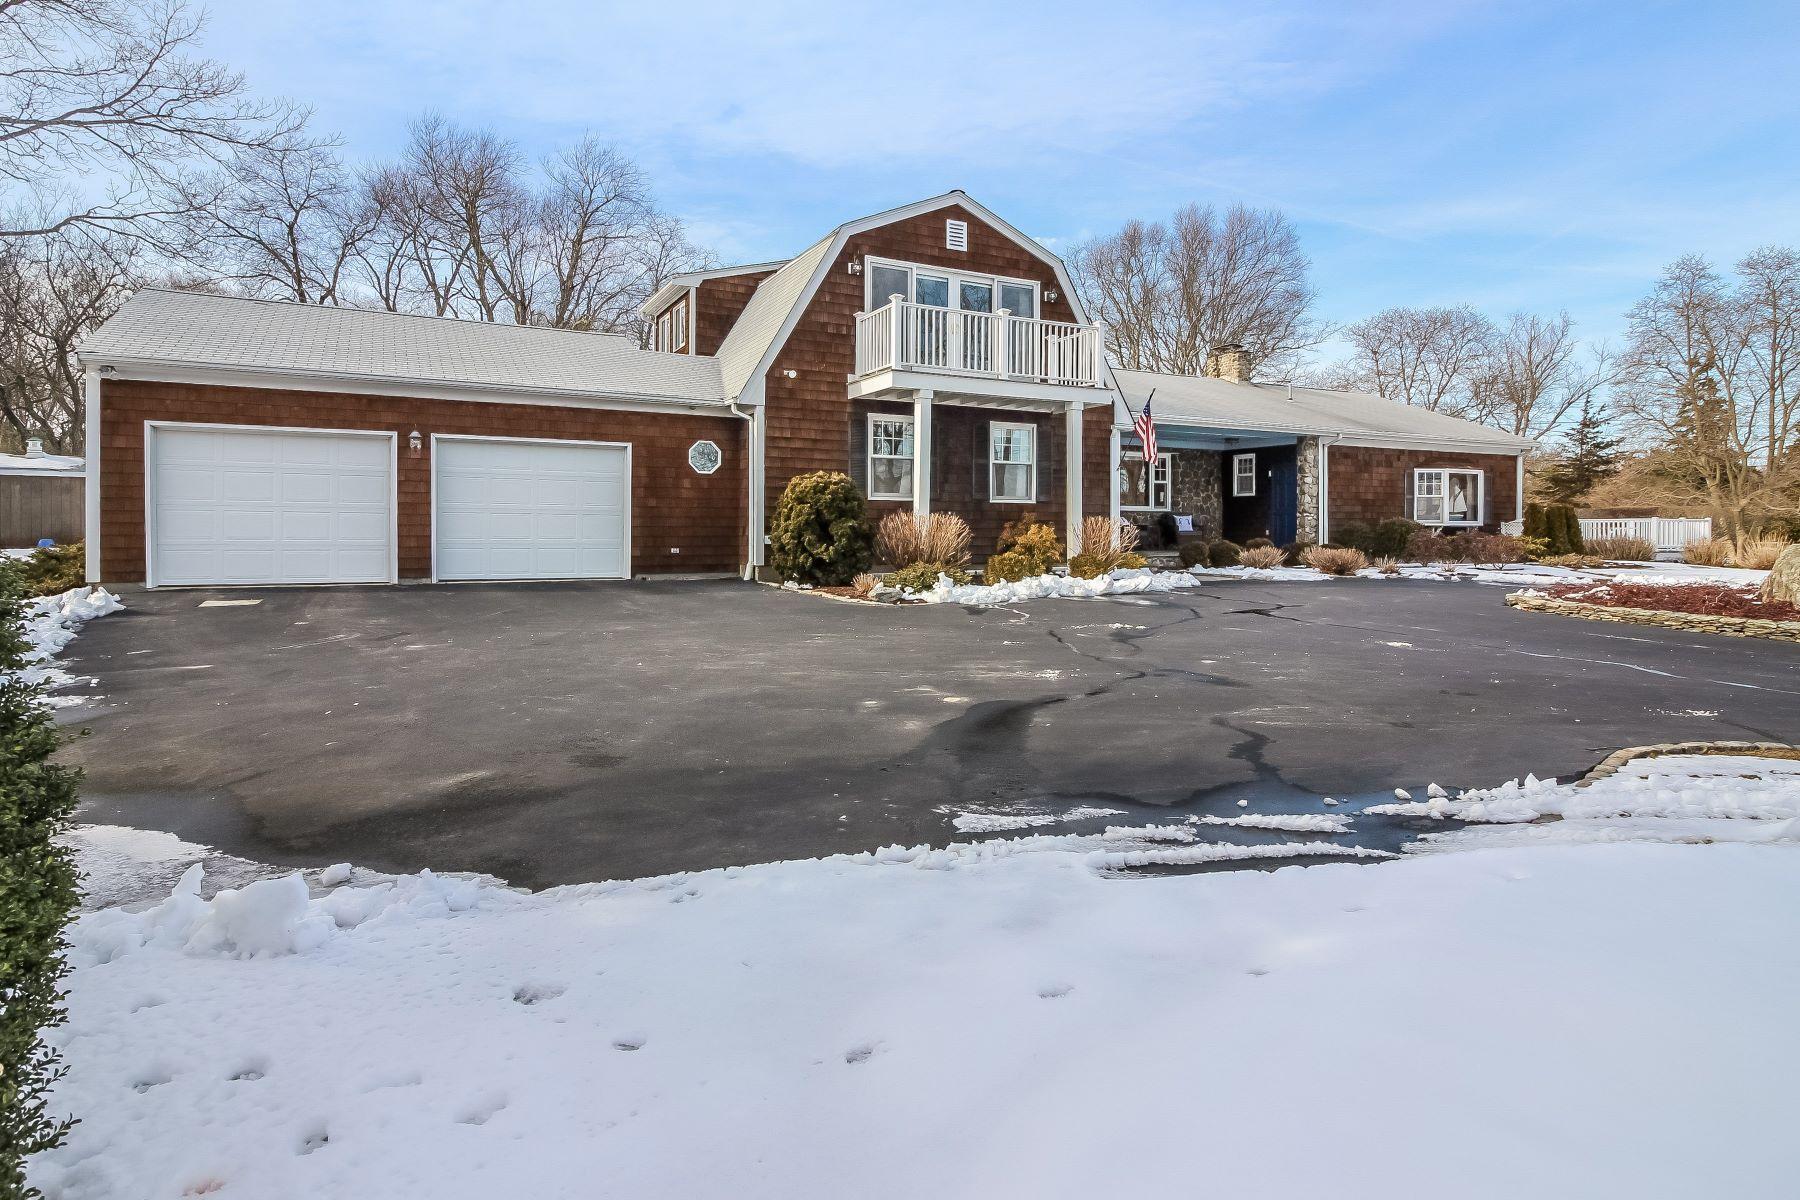 Μονοκατοικία για την Πώληση στο 1 Stonegate Rd, Warren, Ροουντ Αϊλαντ 02885 Ηνωμένες Πολιτείες